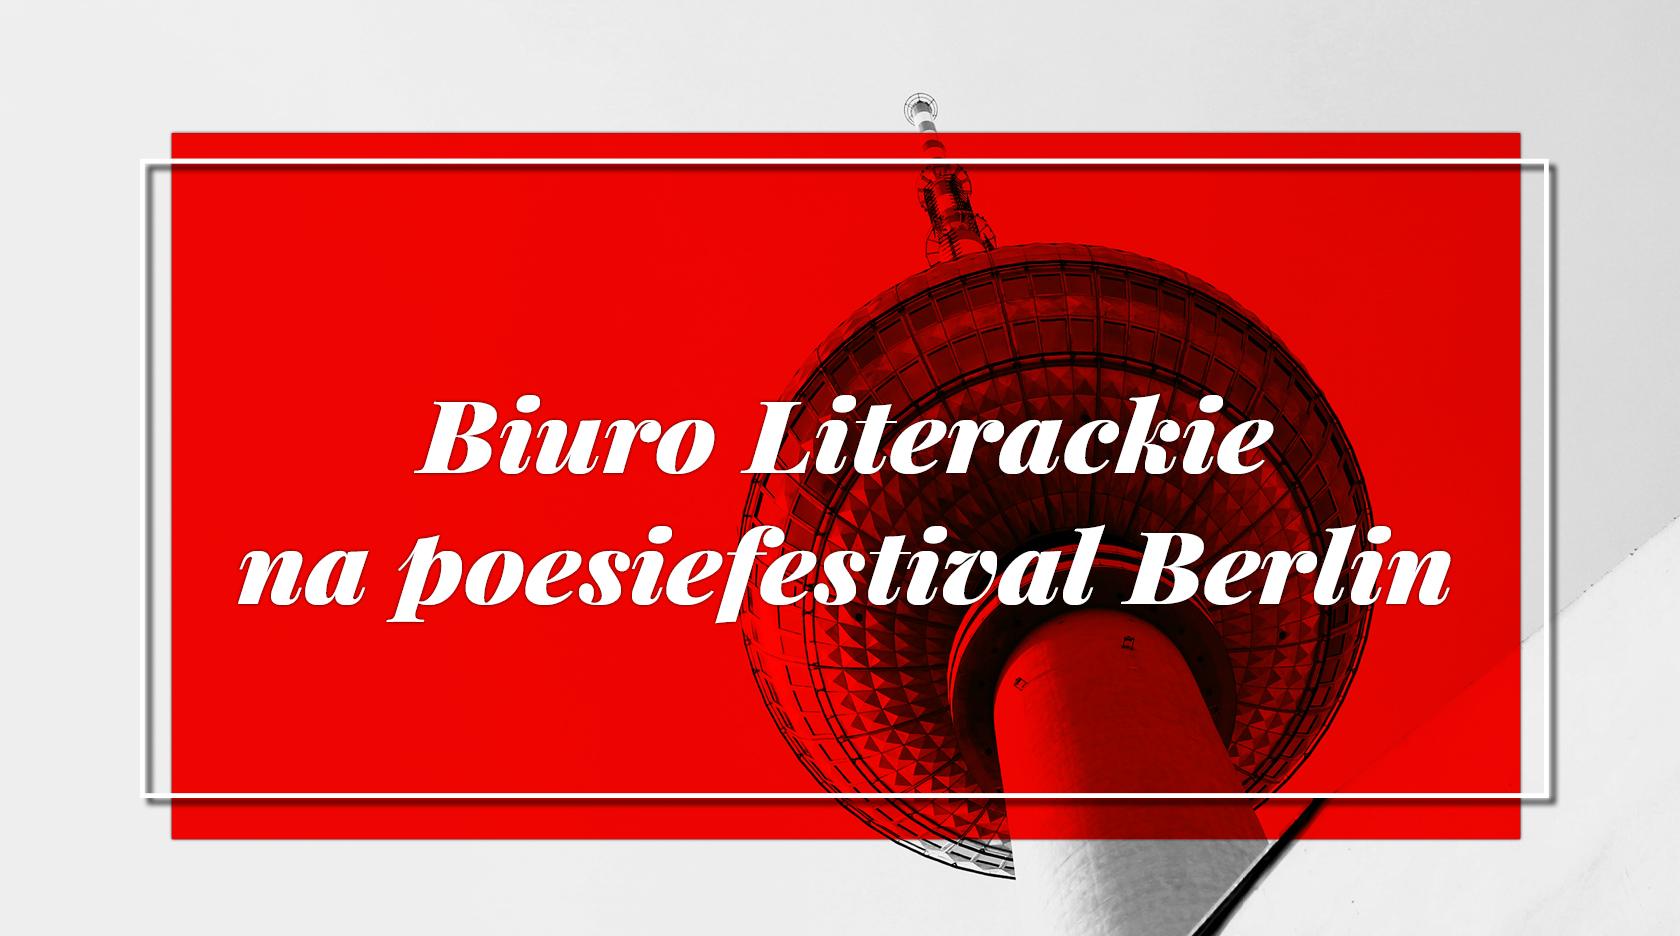 BL Img 2017.06.16 Biuro Literackie na poesiefestival Berlin_www_top